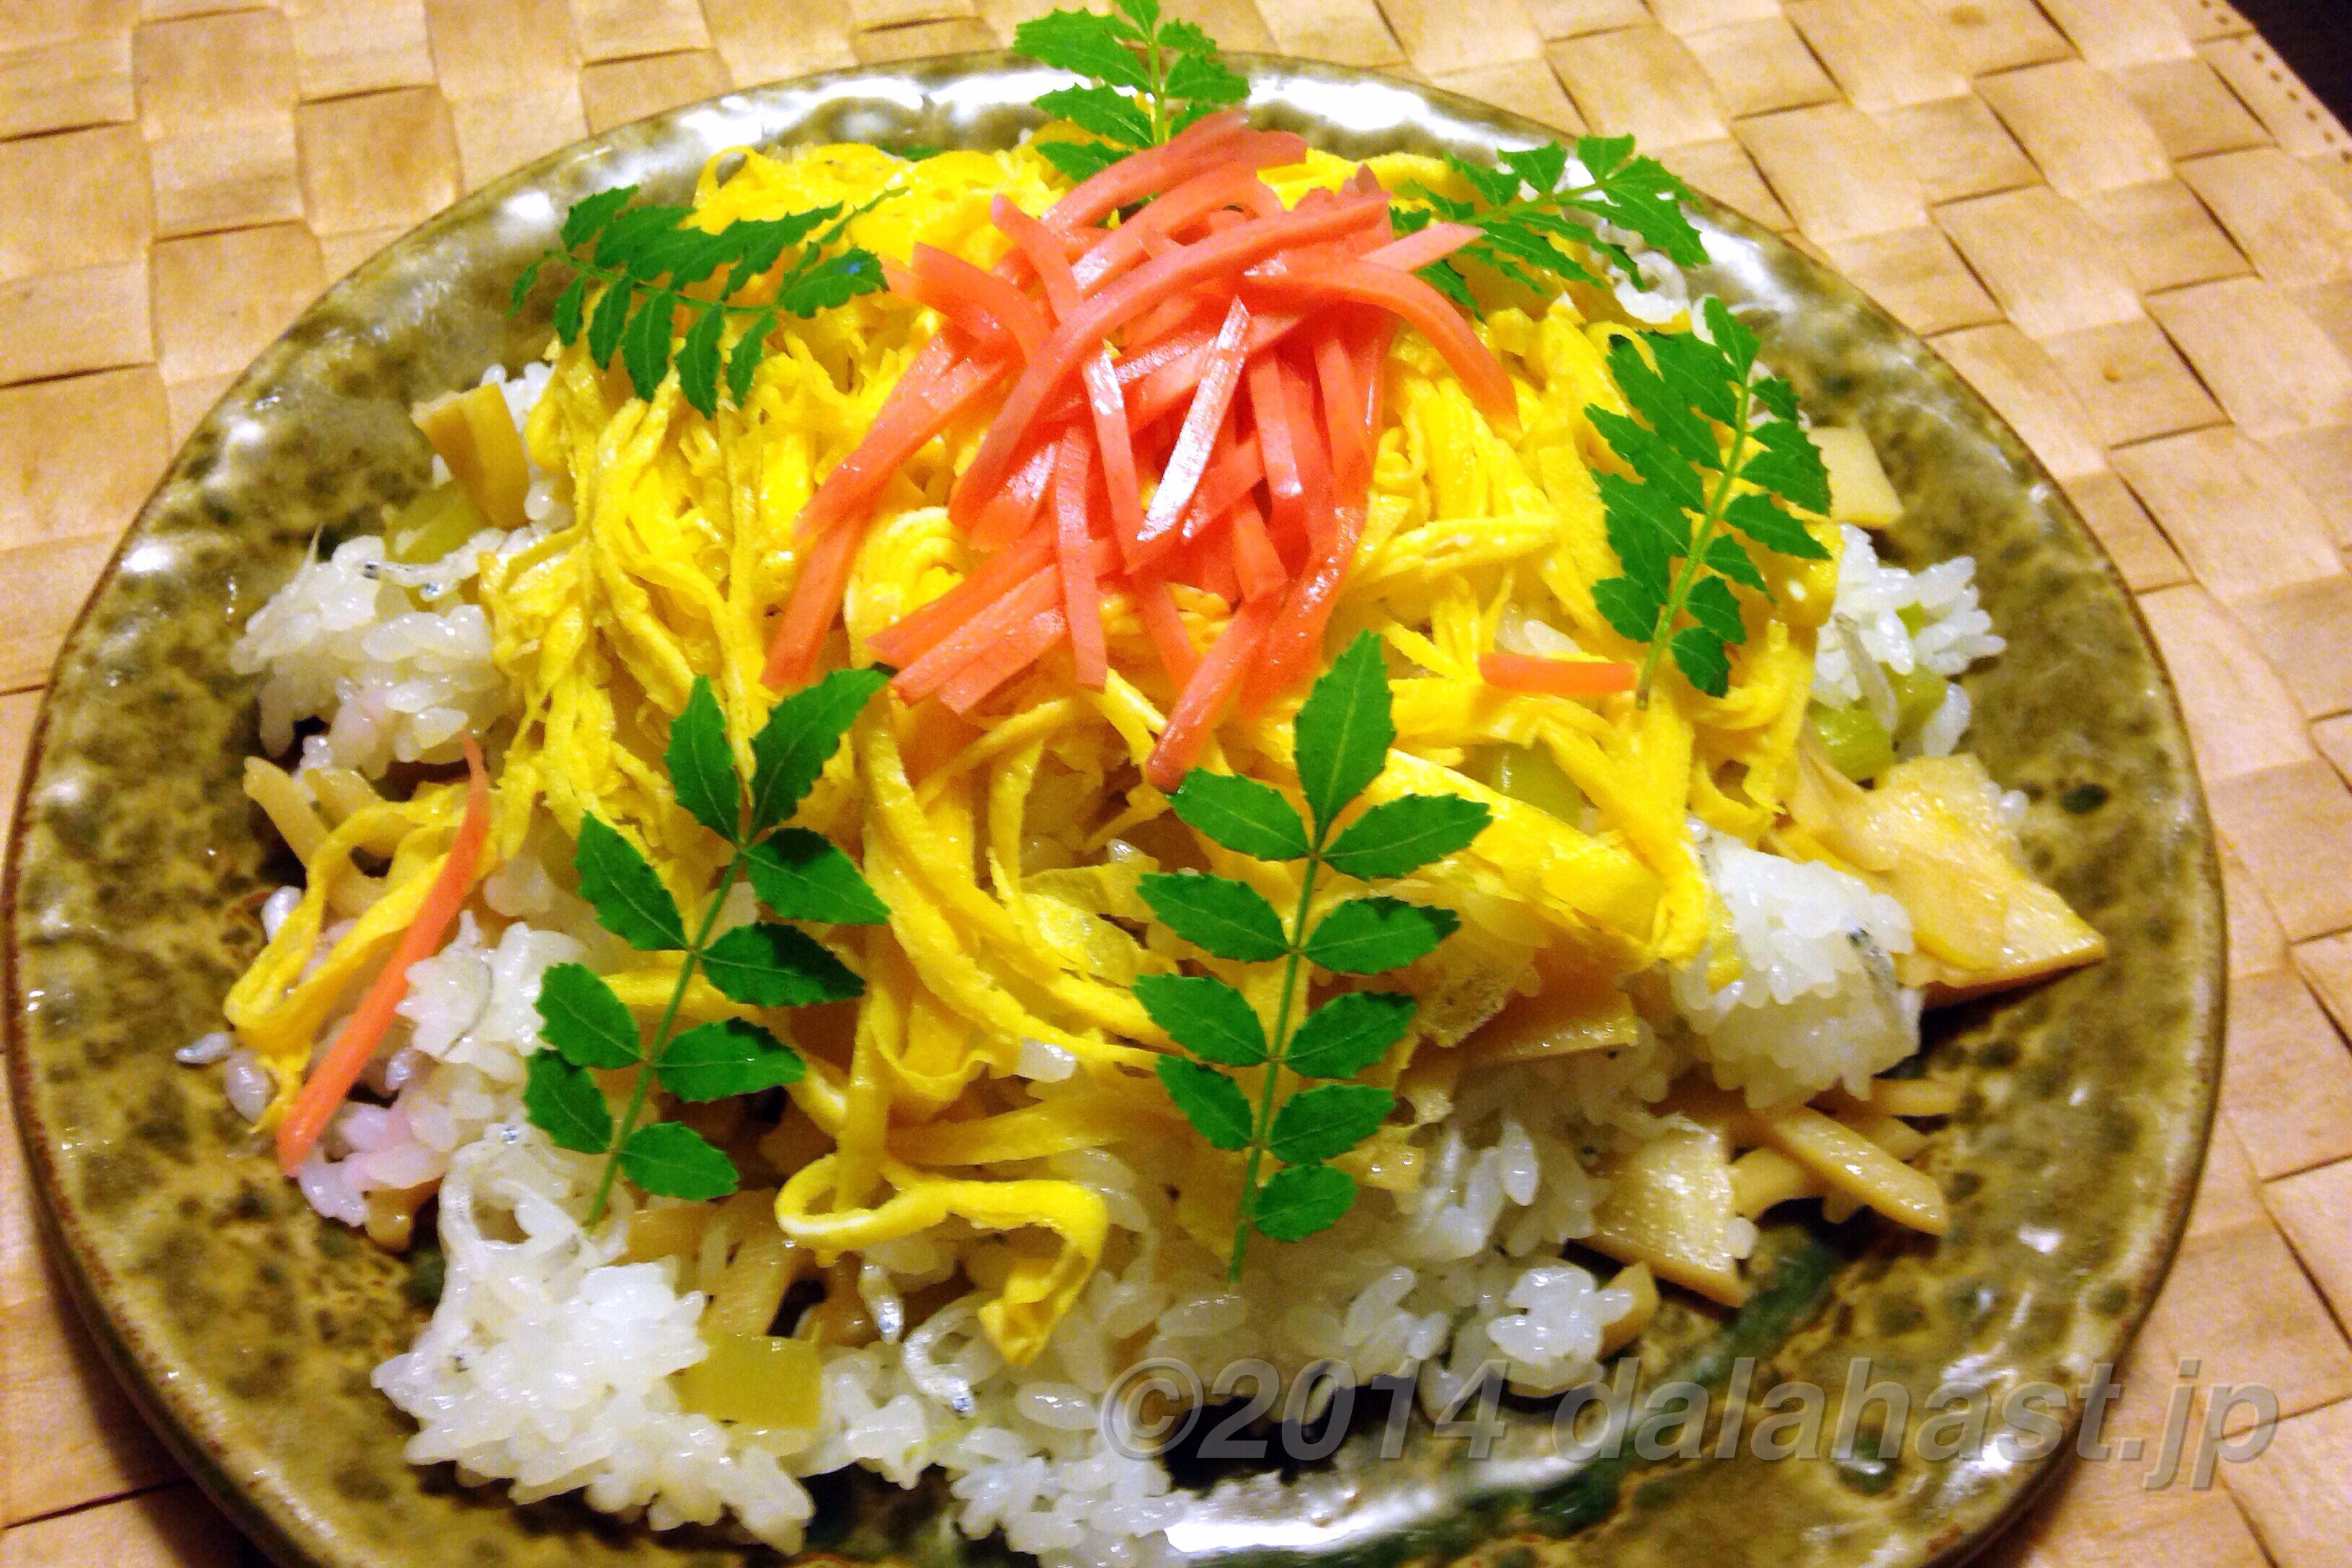 木の芽の香り、筍と蕗の食感が楽しい、母直伝の彩り筍寿司